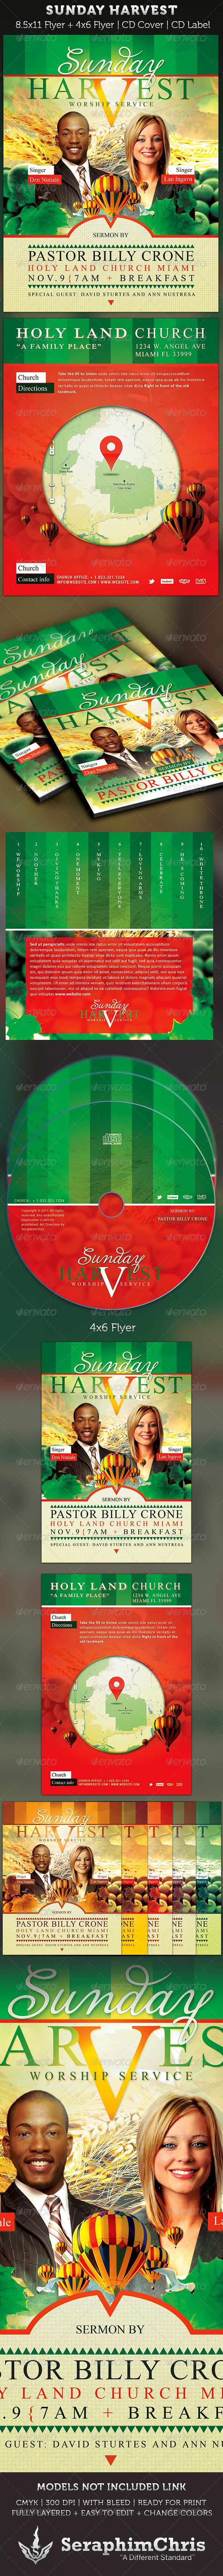 Sunday Harvest: Church Flyer and CD Art Template - Church Flyers